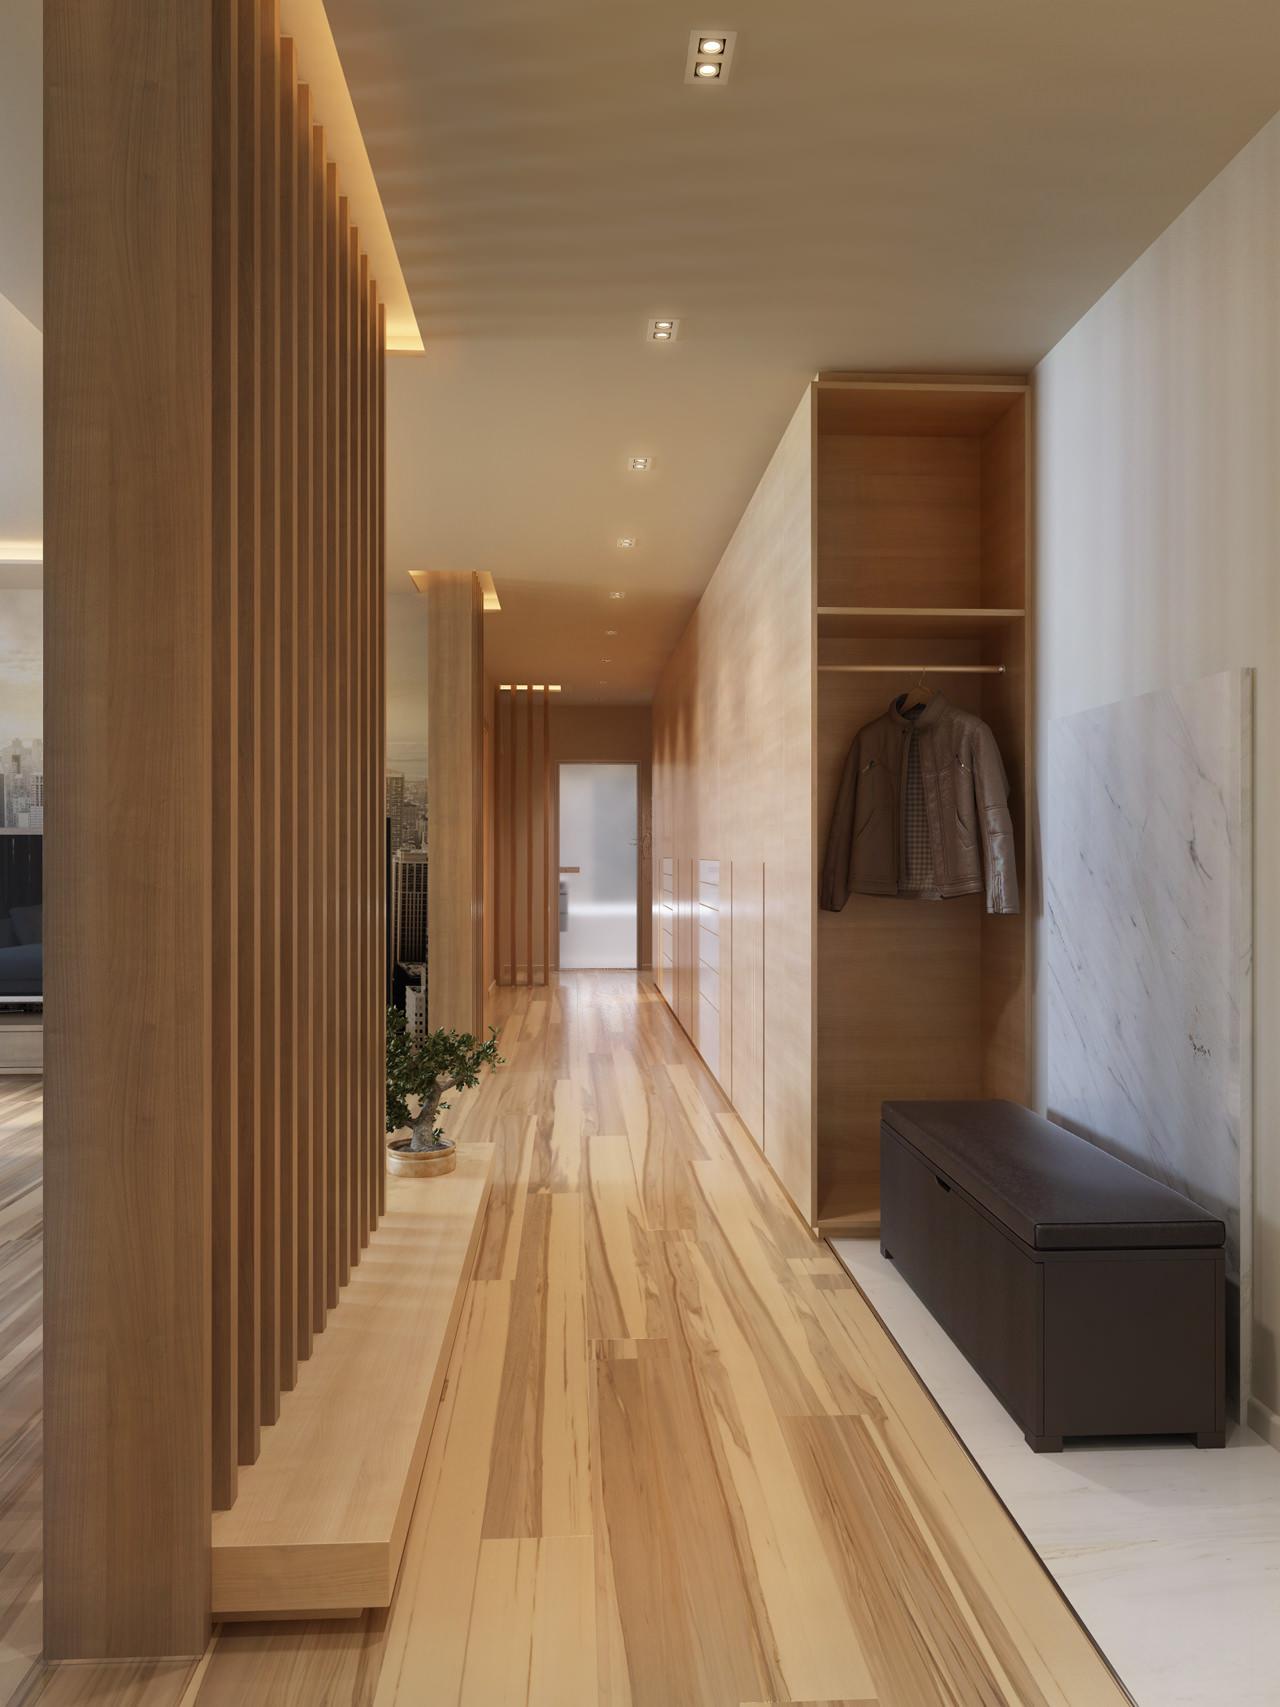 27-Hall-storage